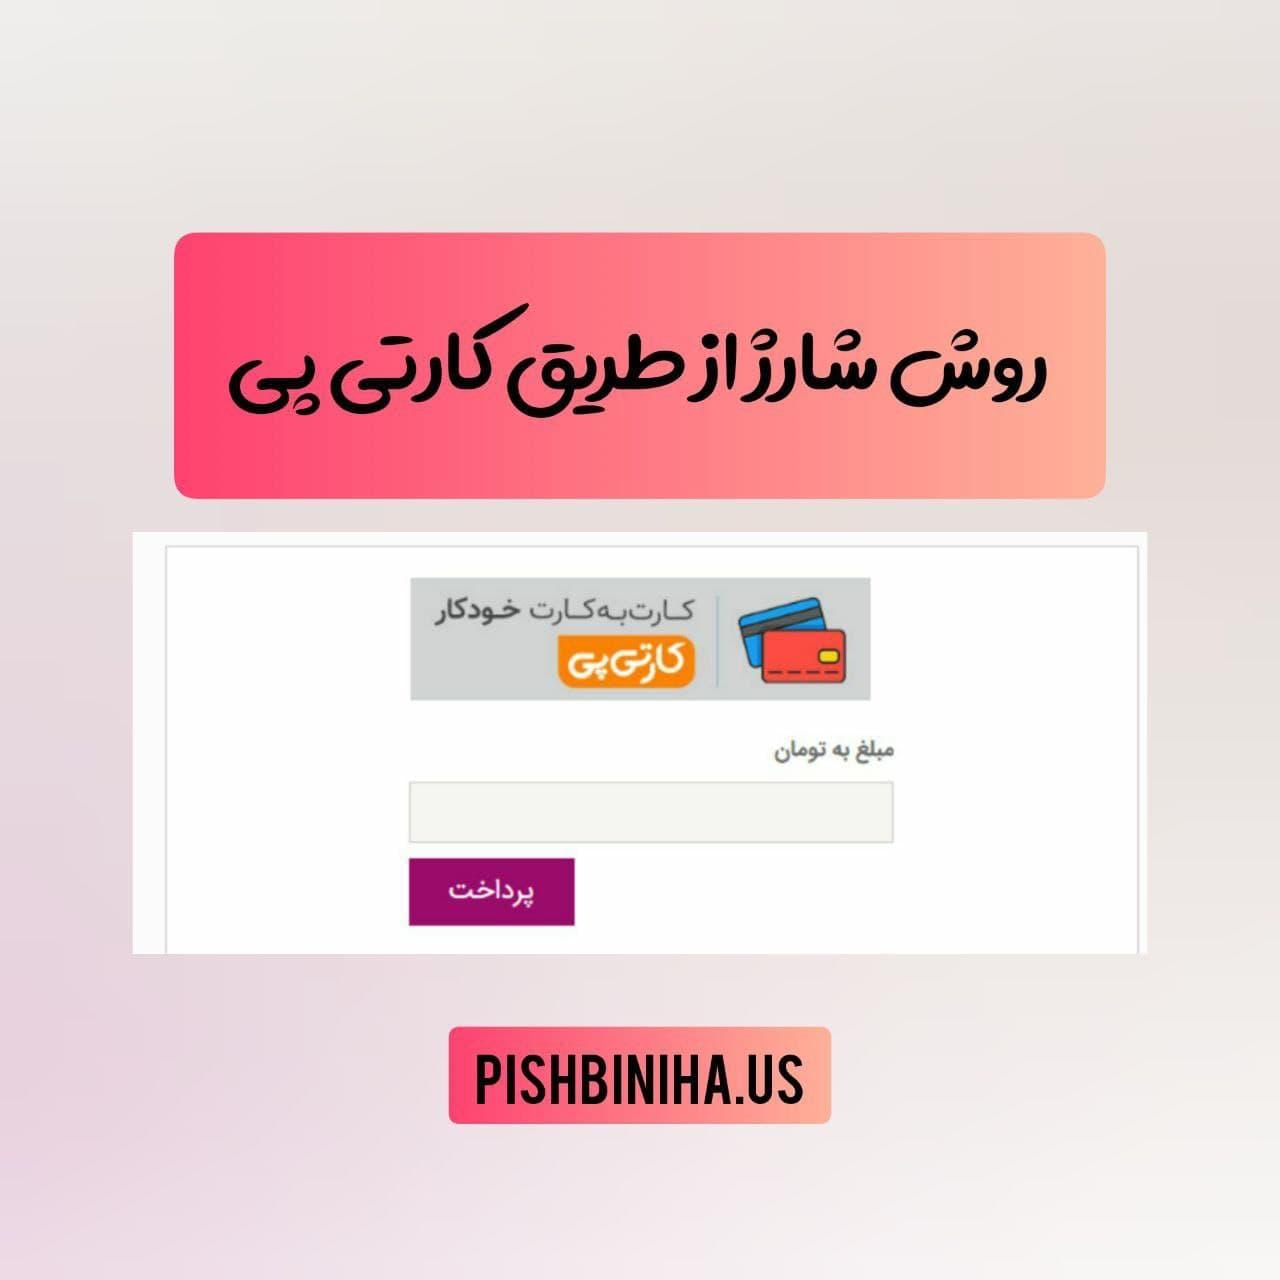 درگاه و روش پرداخت کارتی پی . cartipay . در سایت های شرط بندی